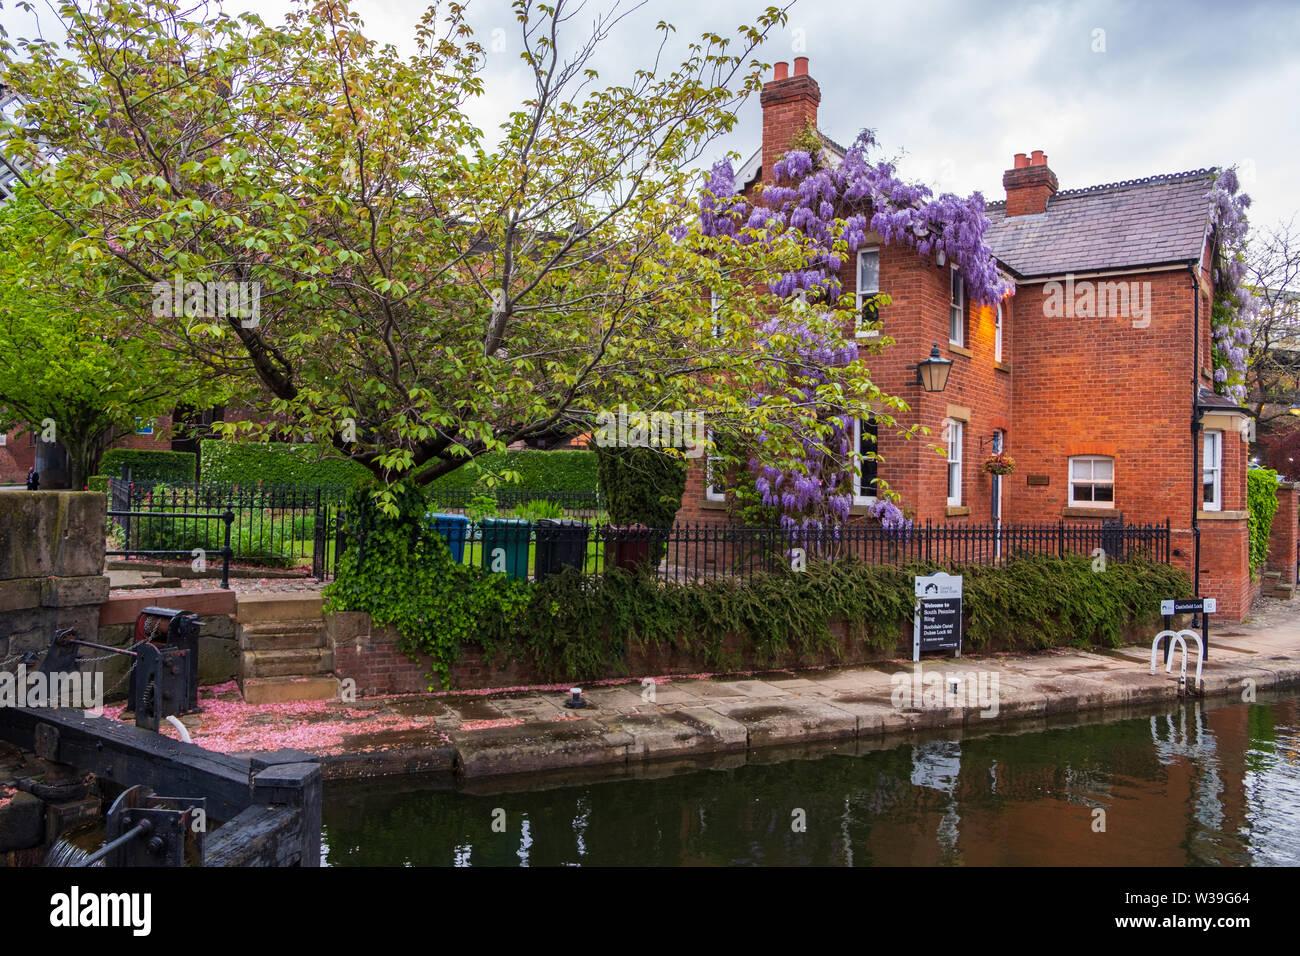 Manchester, Großbritannien - 25 April 2019: atmosphärische Szene der restaurierten Viktorianischen Kanalsystem in Castlefield Gegend von Manchester Stockfoto